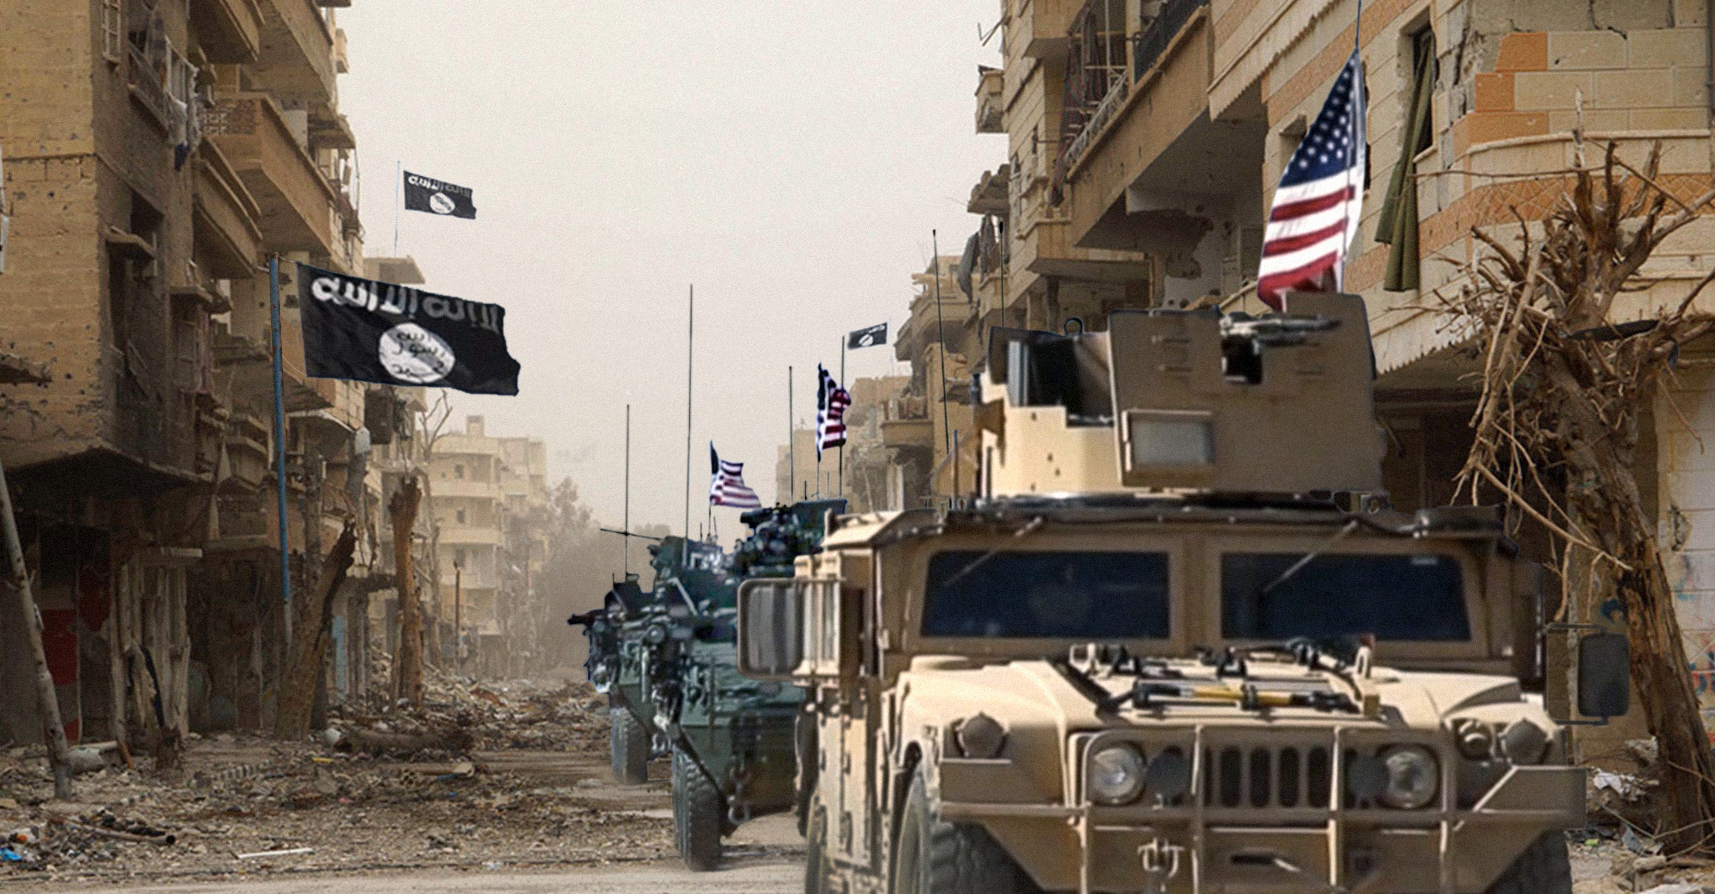 صورة الجيش الأمريكي ينسحب من مناطق سيطرته في سوريا بعد أن أتمَّ نشر الديمقراطية فيها